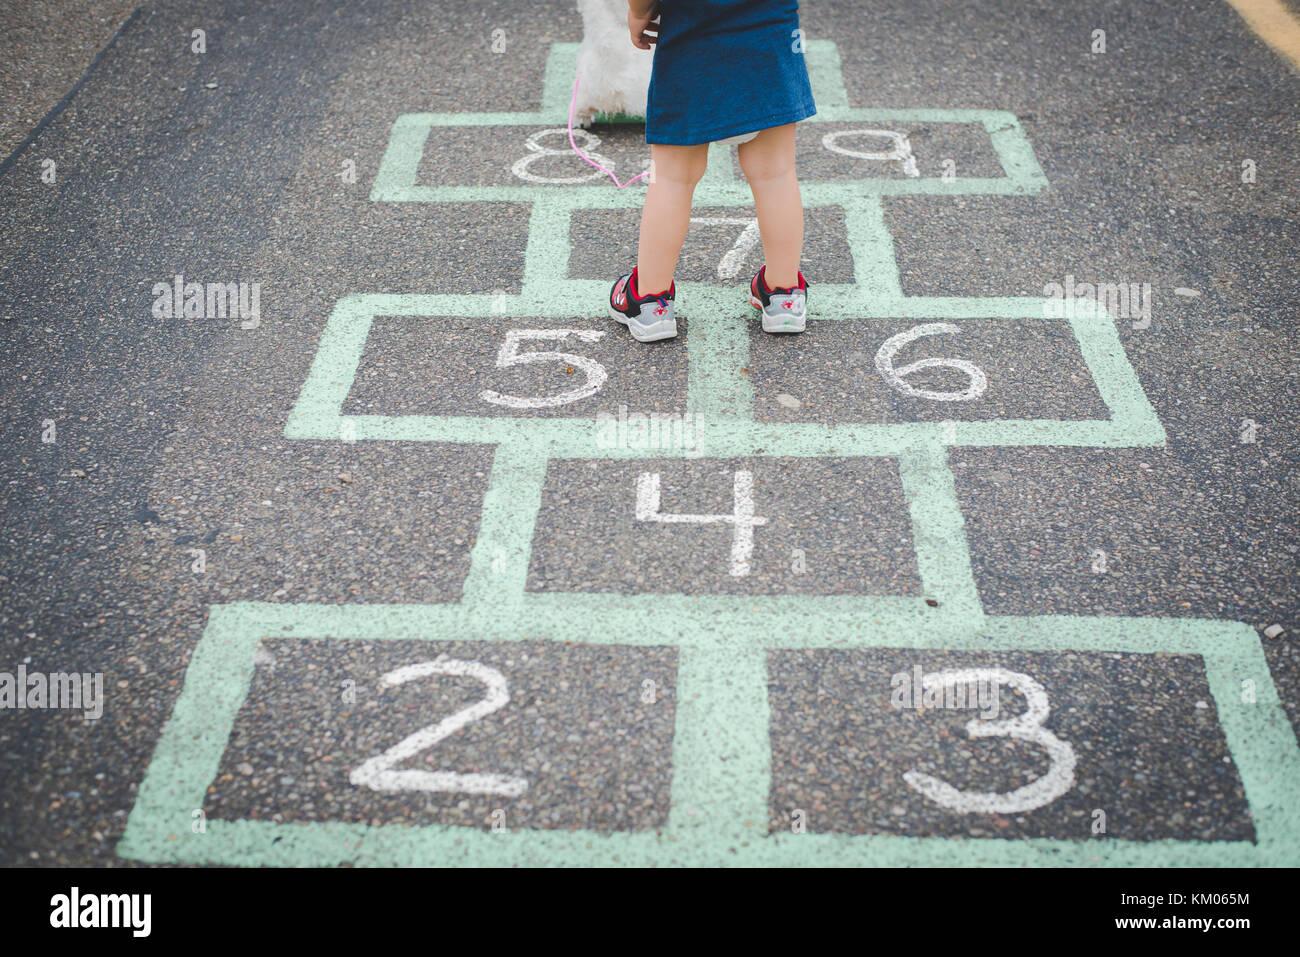 Ein Kind steht auf einem Hopse, Kind Spiel, Board auf einem Parkplatz. Stockbild